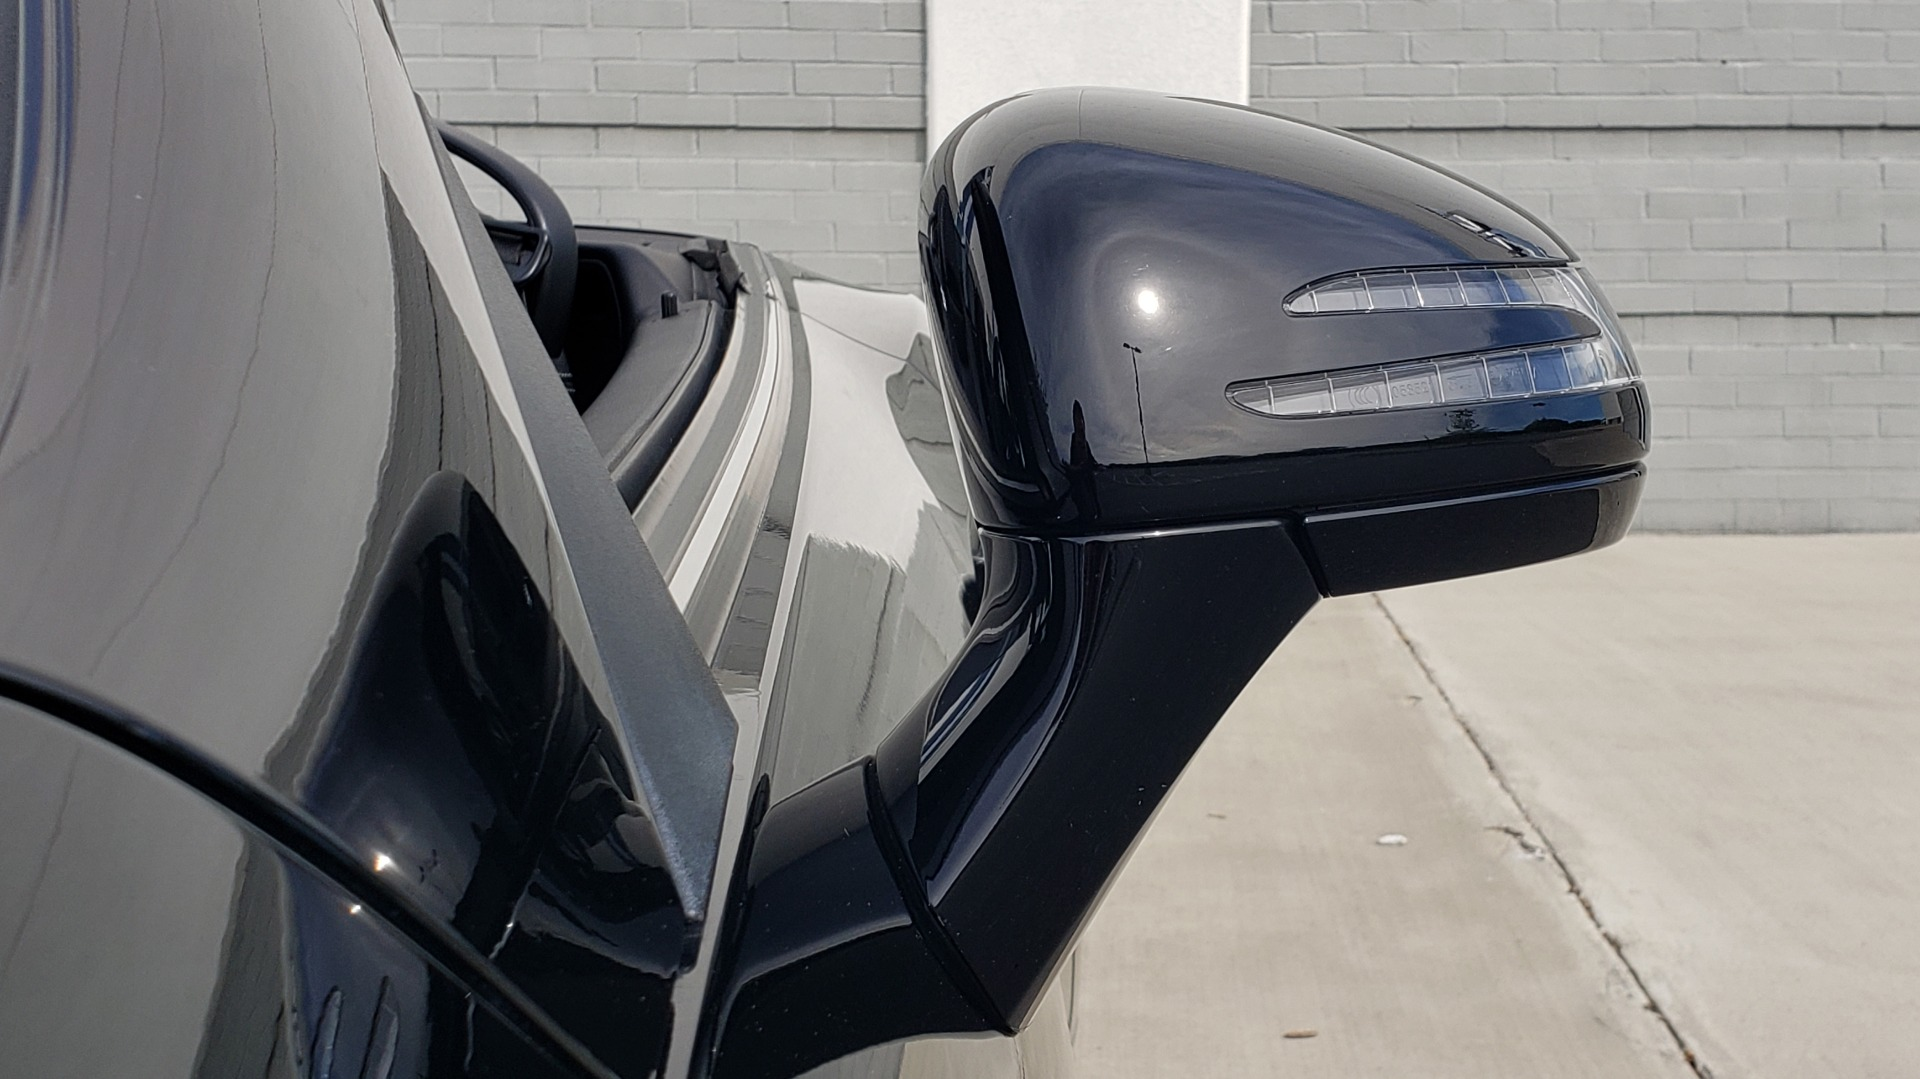 Used 2012 Mercedes-Benz SLK-CLASS SLK 250 ROADSTER / PREM 1 PKG / COMAND LAUNCH PKG / 7-SPD AUTO for sale $24,995 at Formula Imports in Charlotte NC 28227 47